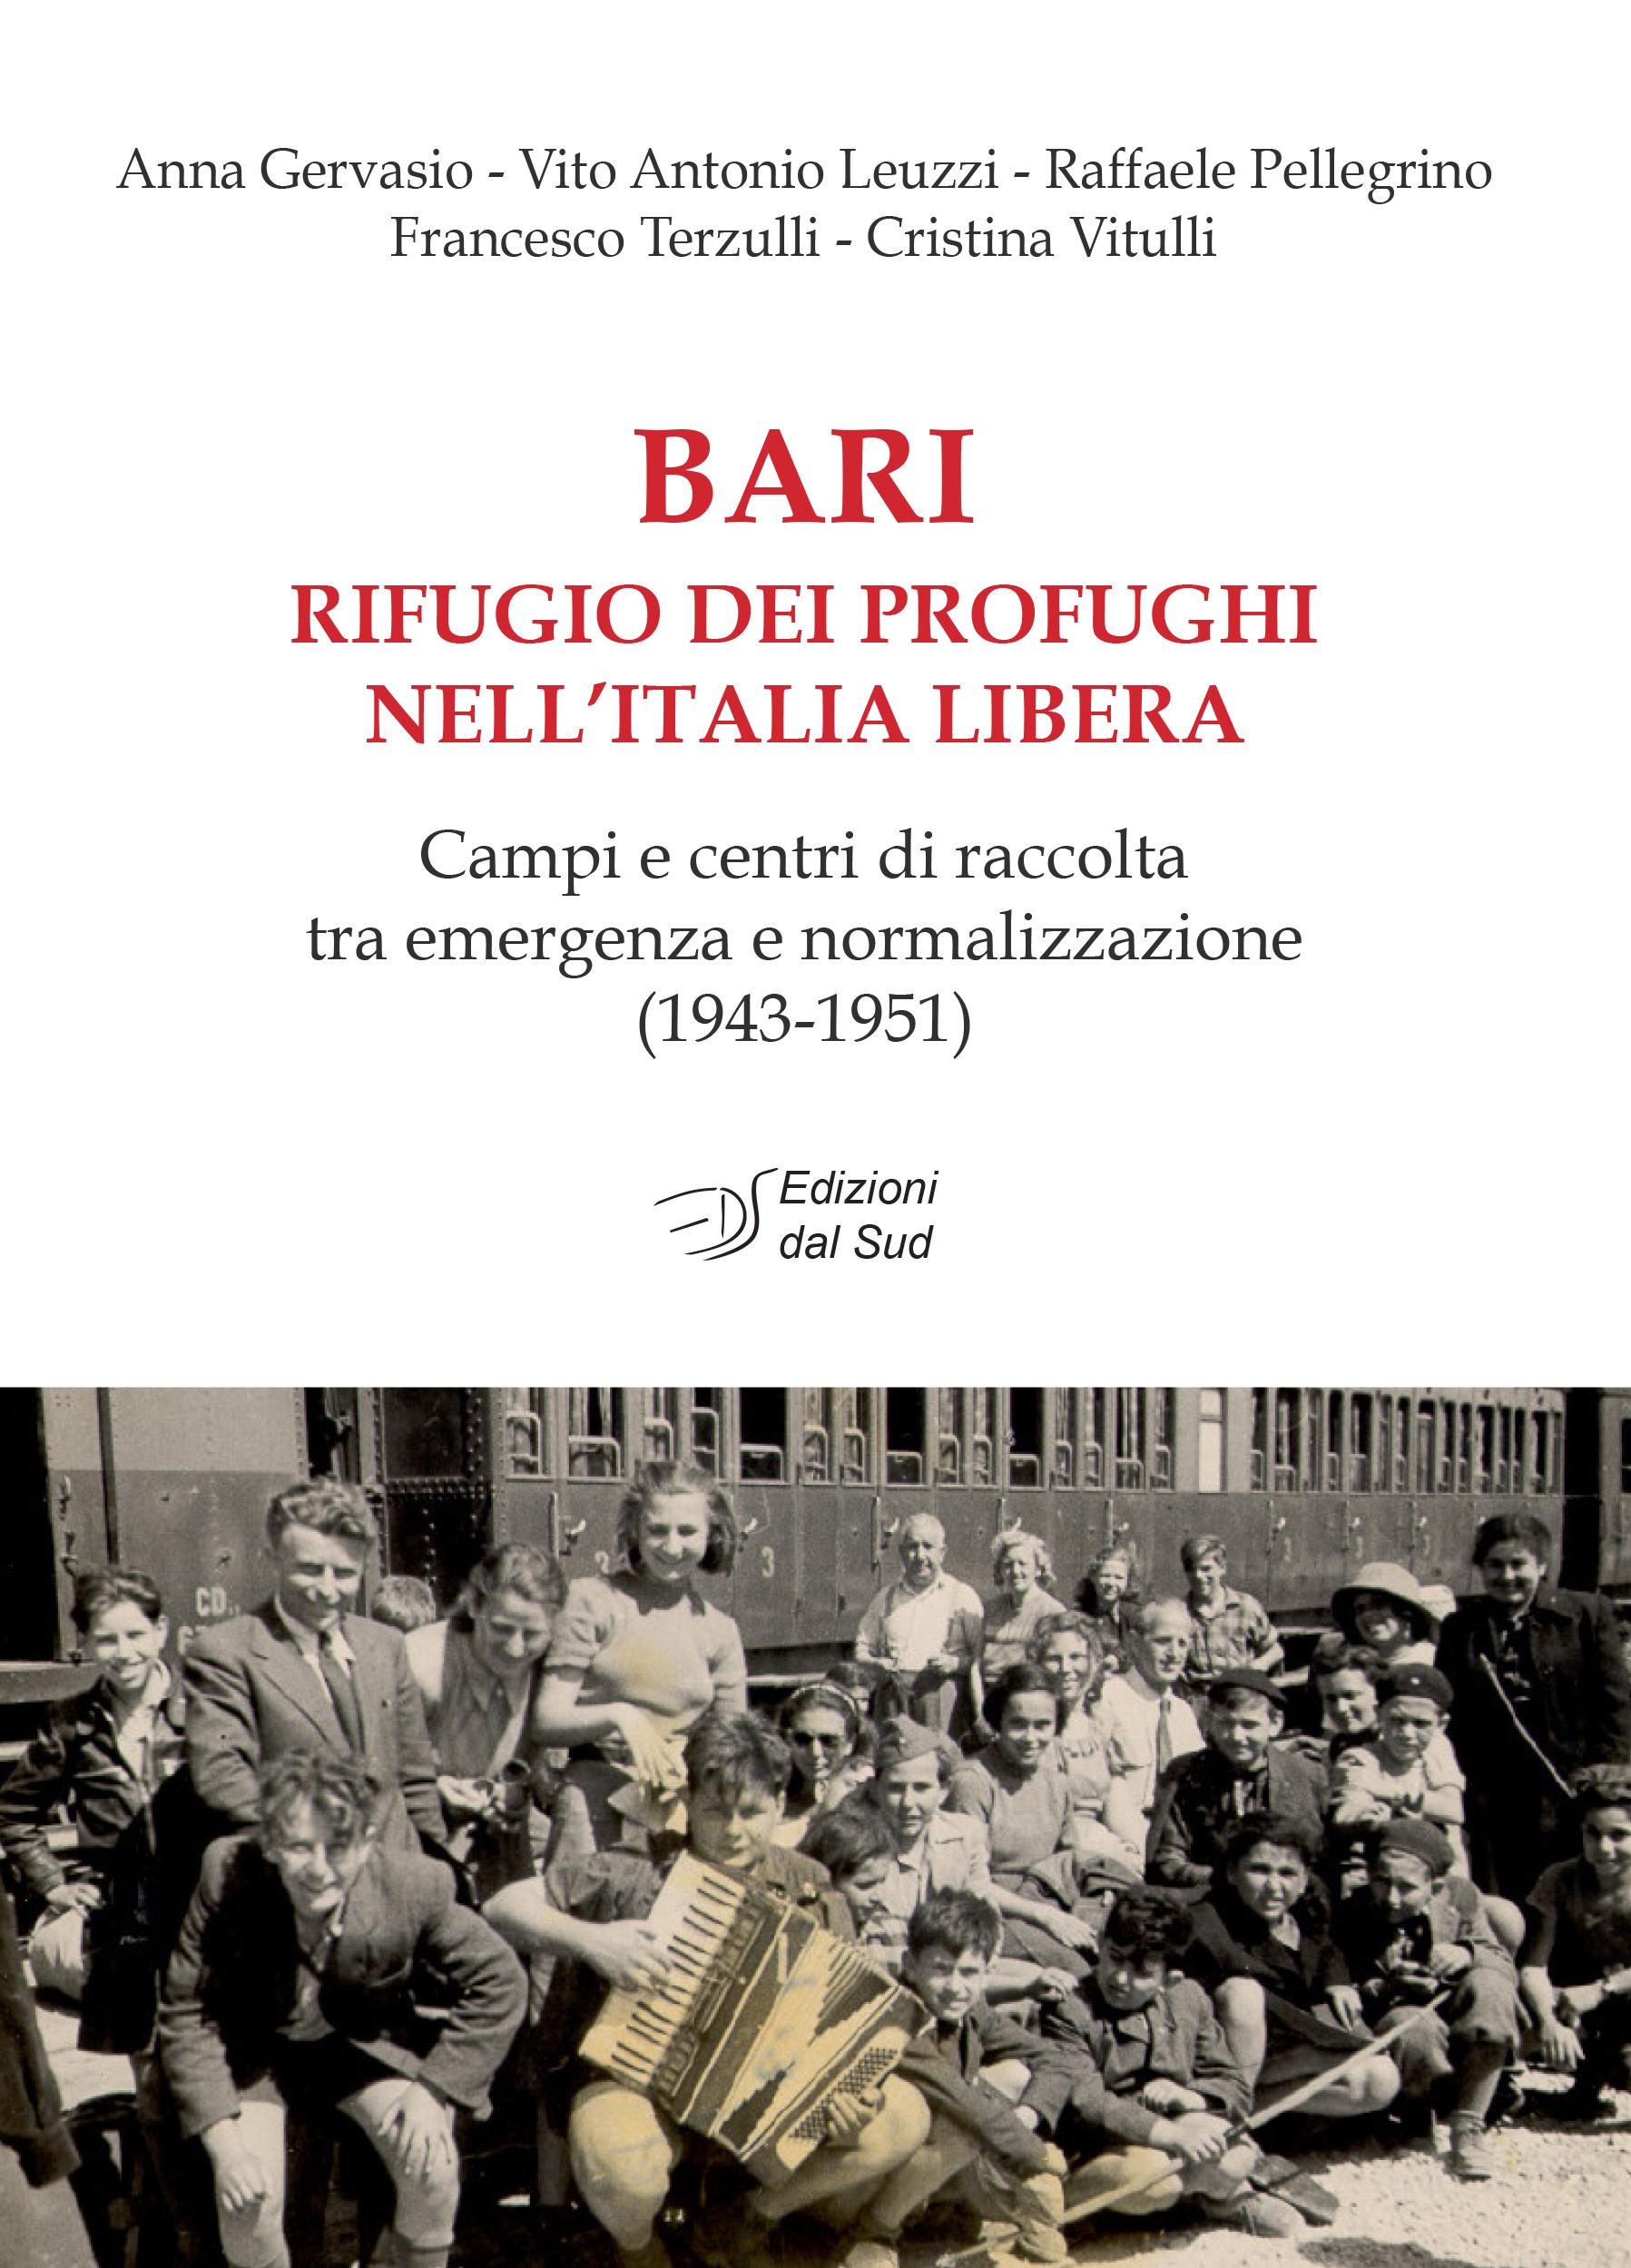 Carbonara Di Bari Storia bari rifugio dei profughi nell'italia libera - campi e centri di raccolta  tra emergenza e normalizzazione (1943-1951)